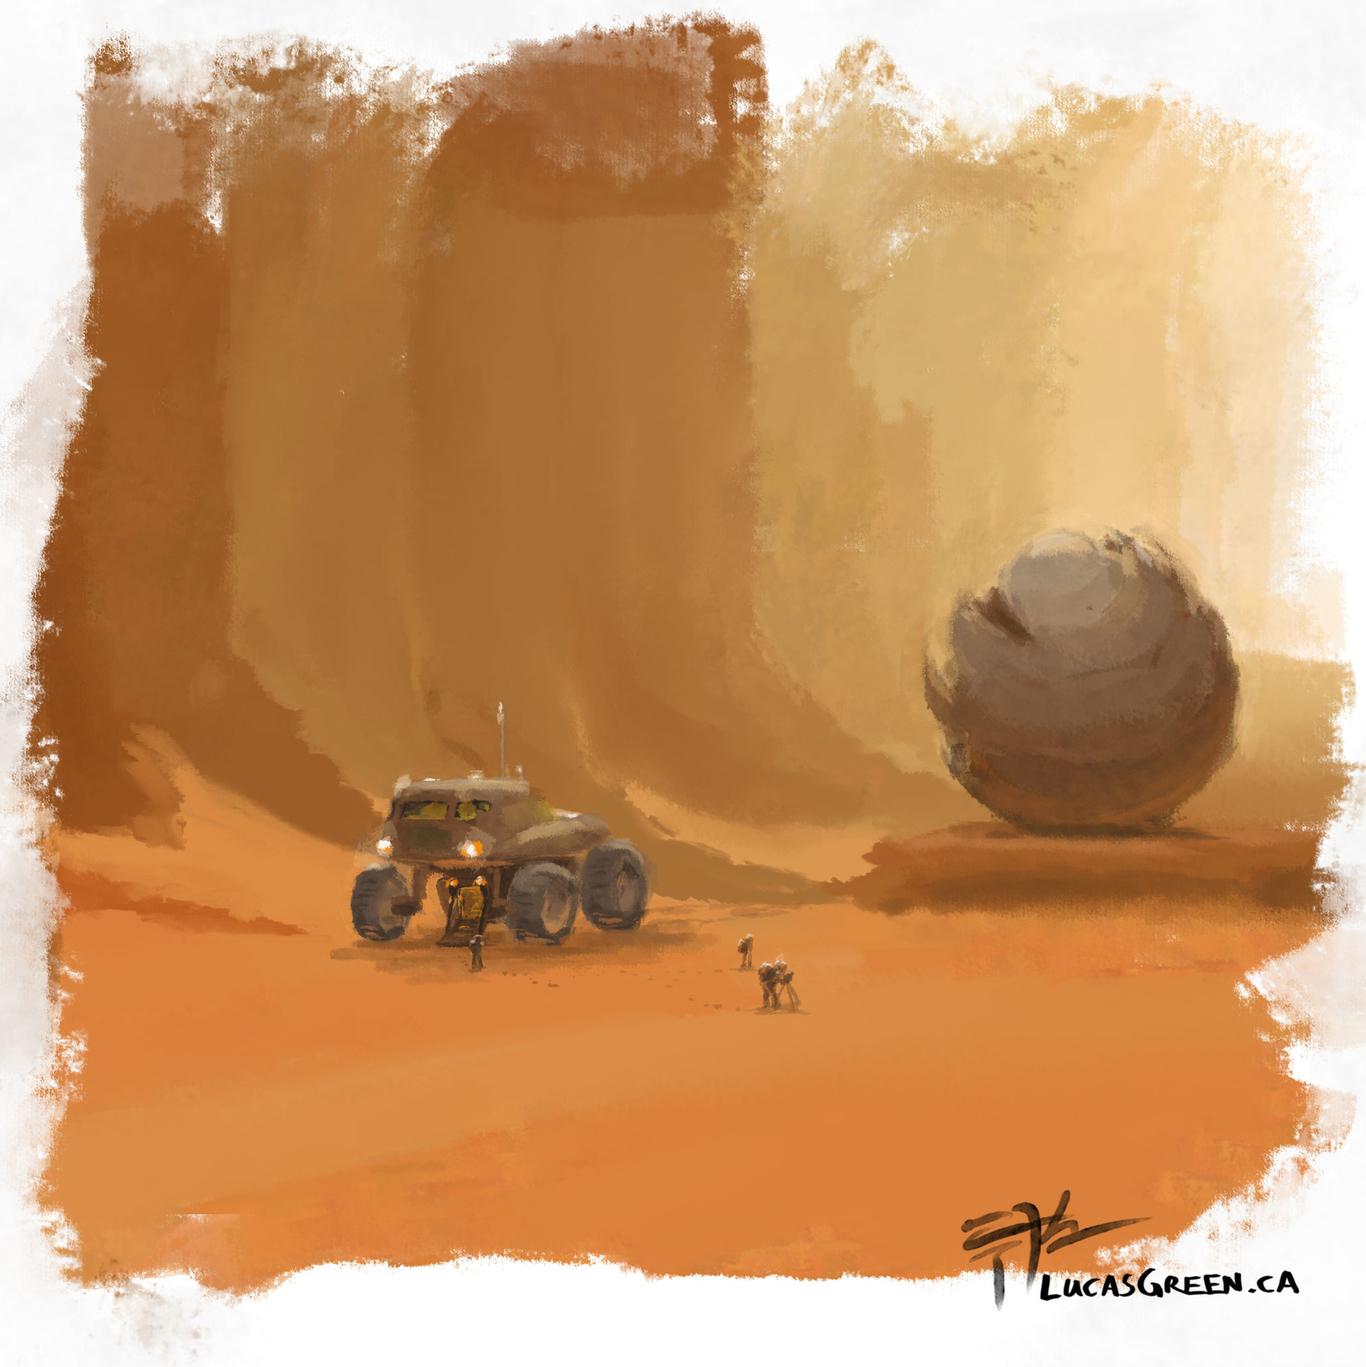 Lucasgreen mars rover 1 9f149a40 ilow